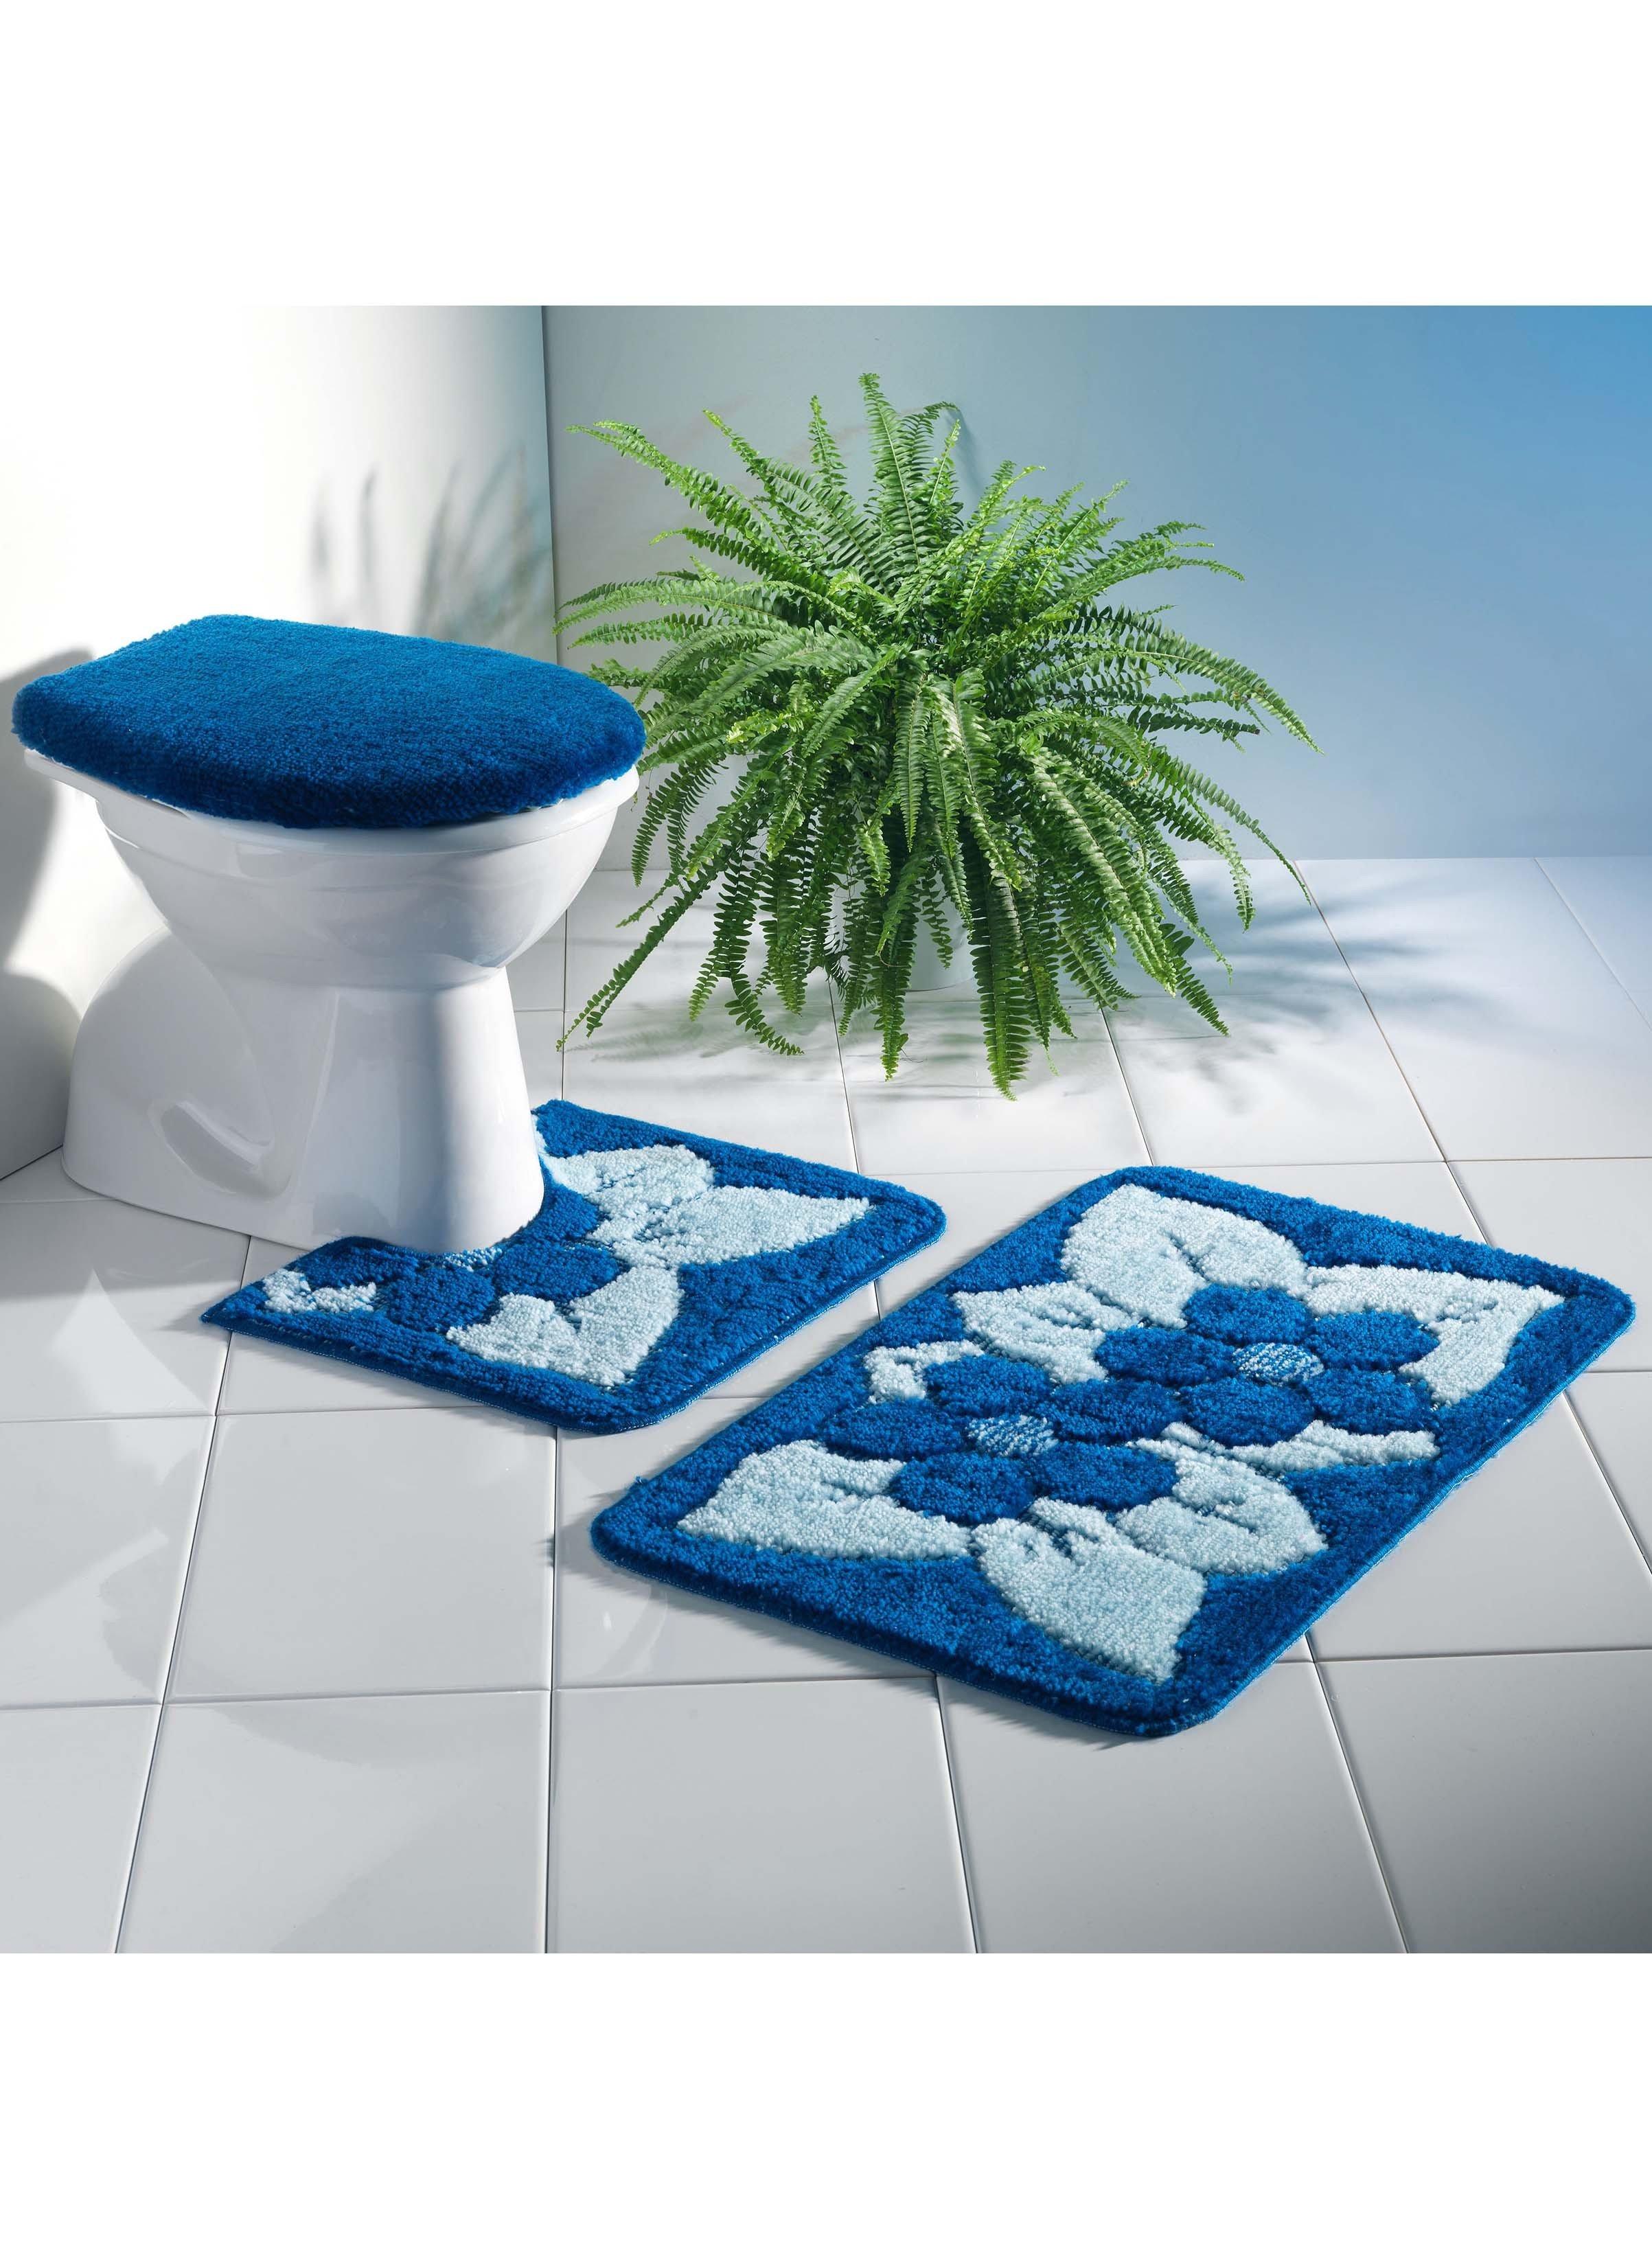 Bad/WC-Garnitur Floral, 3-teilig mit Ausschnitt